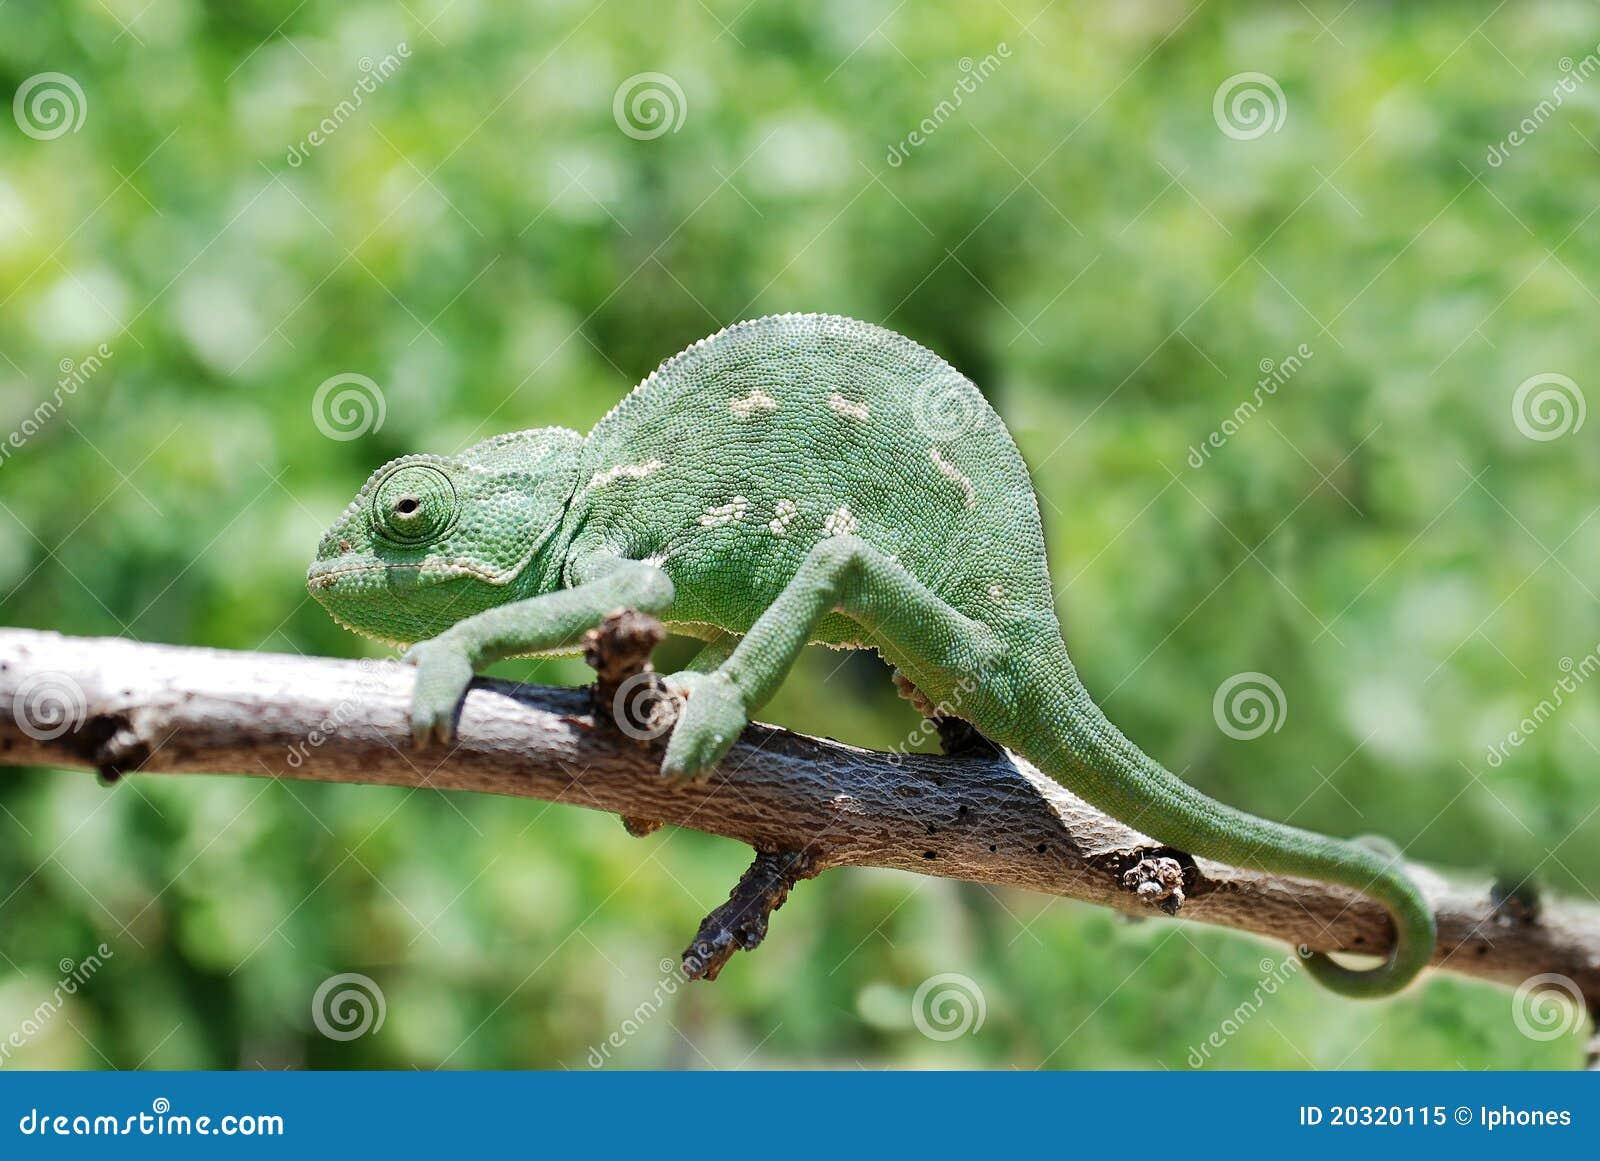 Chameleon na filial